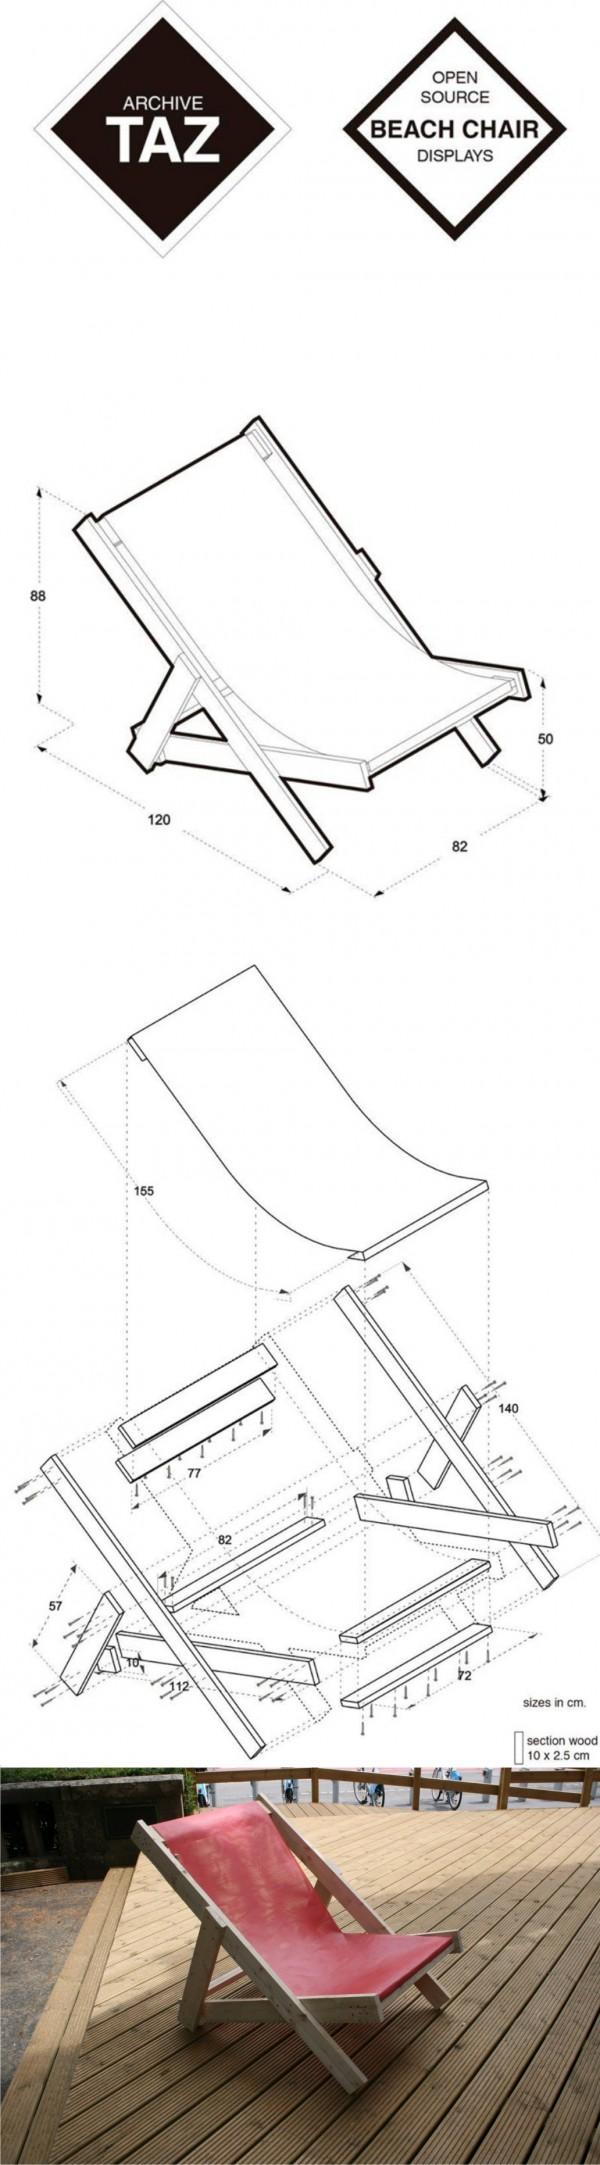 Ingenioso Mobiliario Diy Sillas Madera Y Carpinteria # Taz Muebles De Oficina